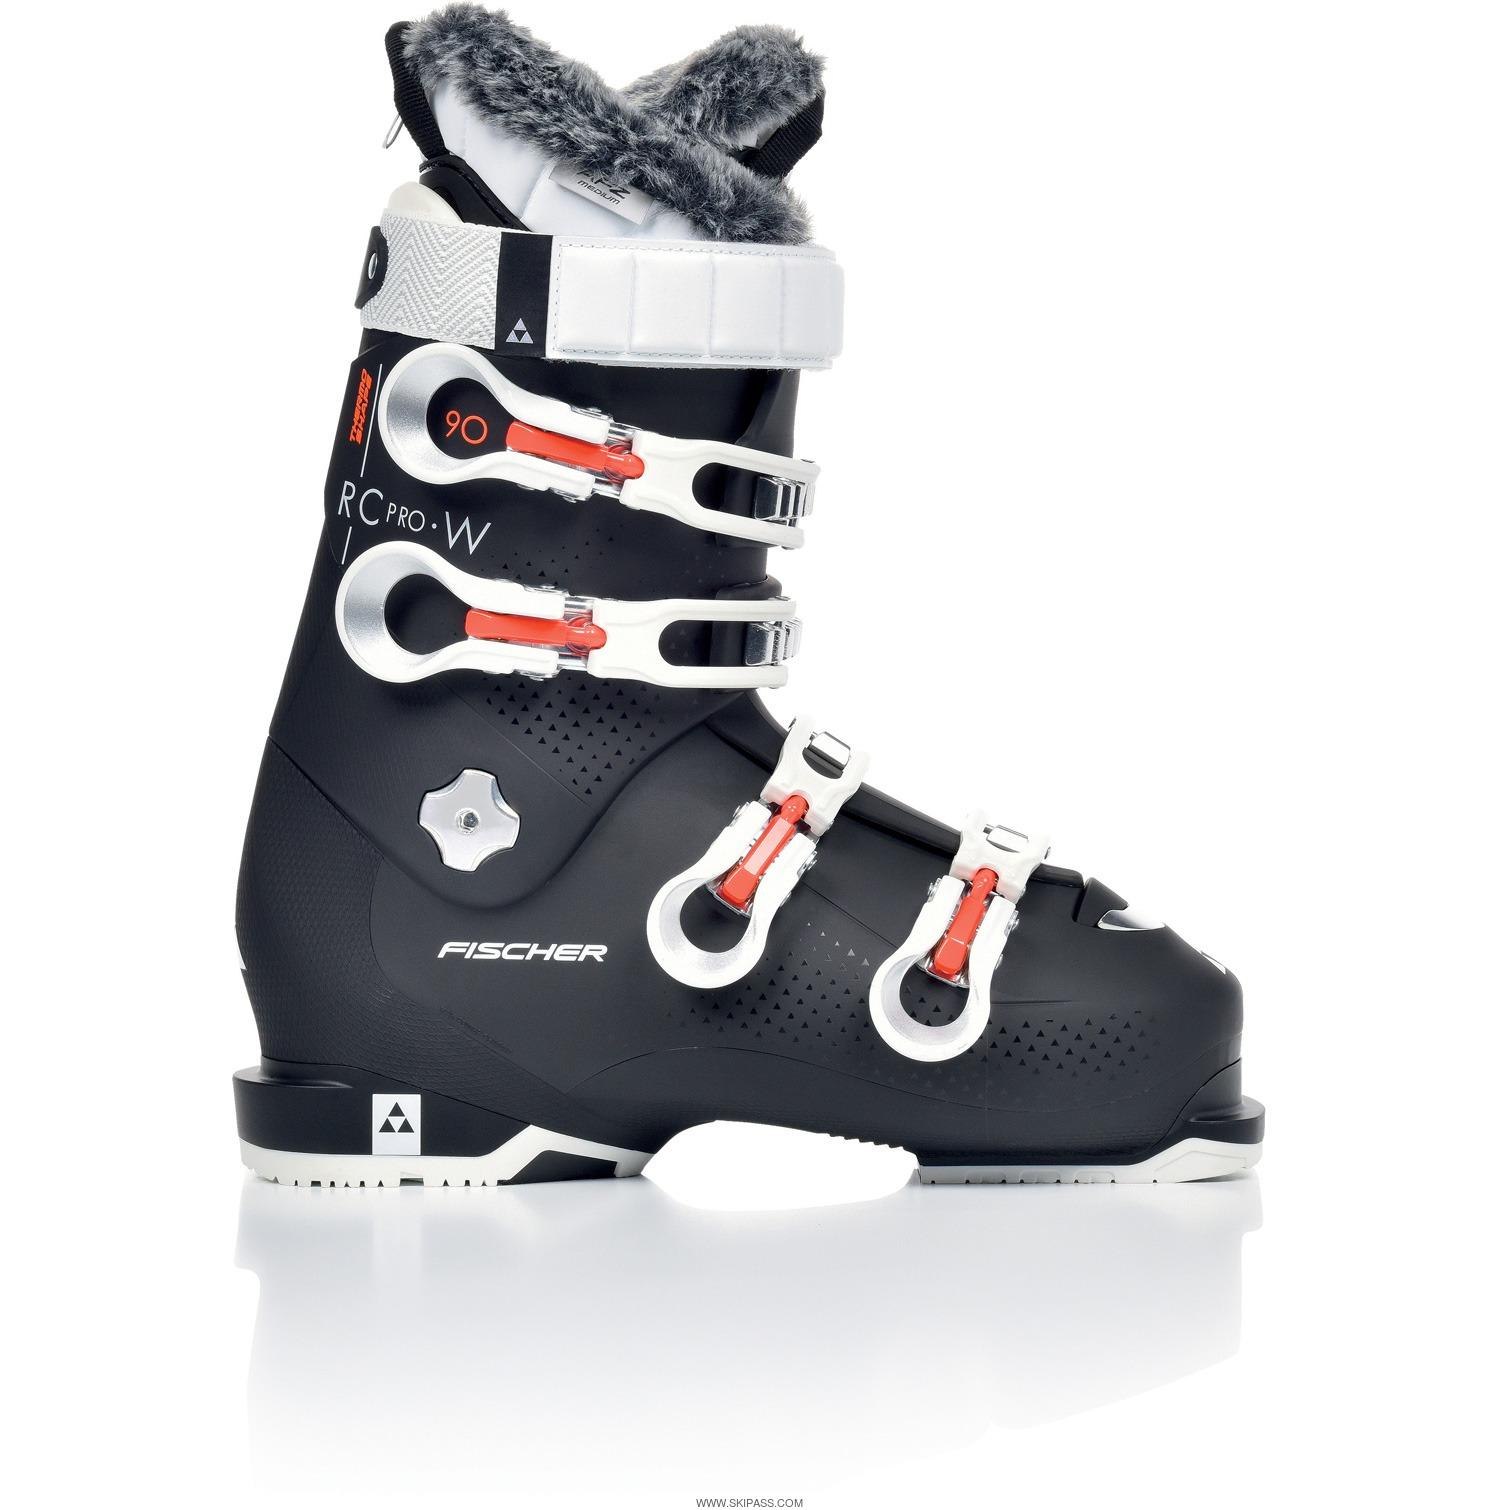 Ski Chaussure Fischer Ski Femme Fischer Femme Chaussure Chaussure IEDW29eHY